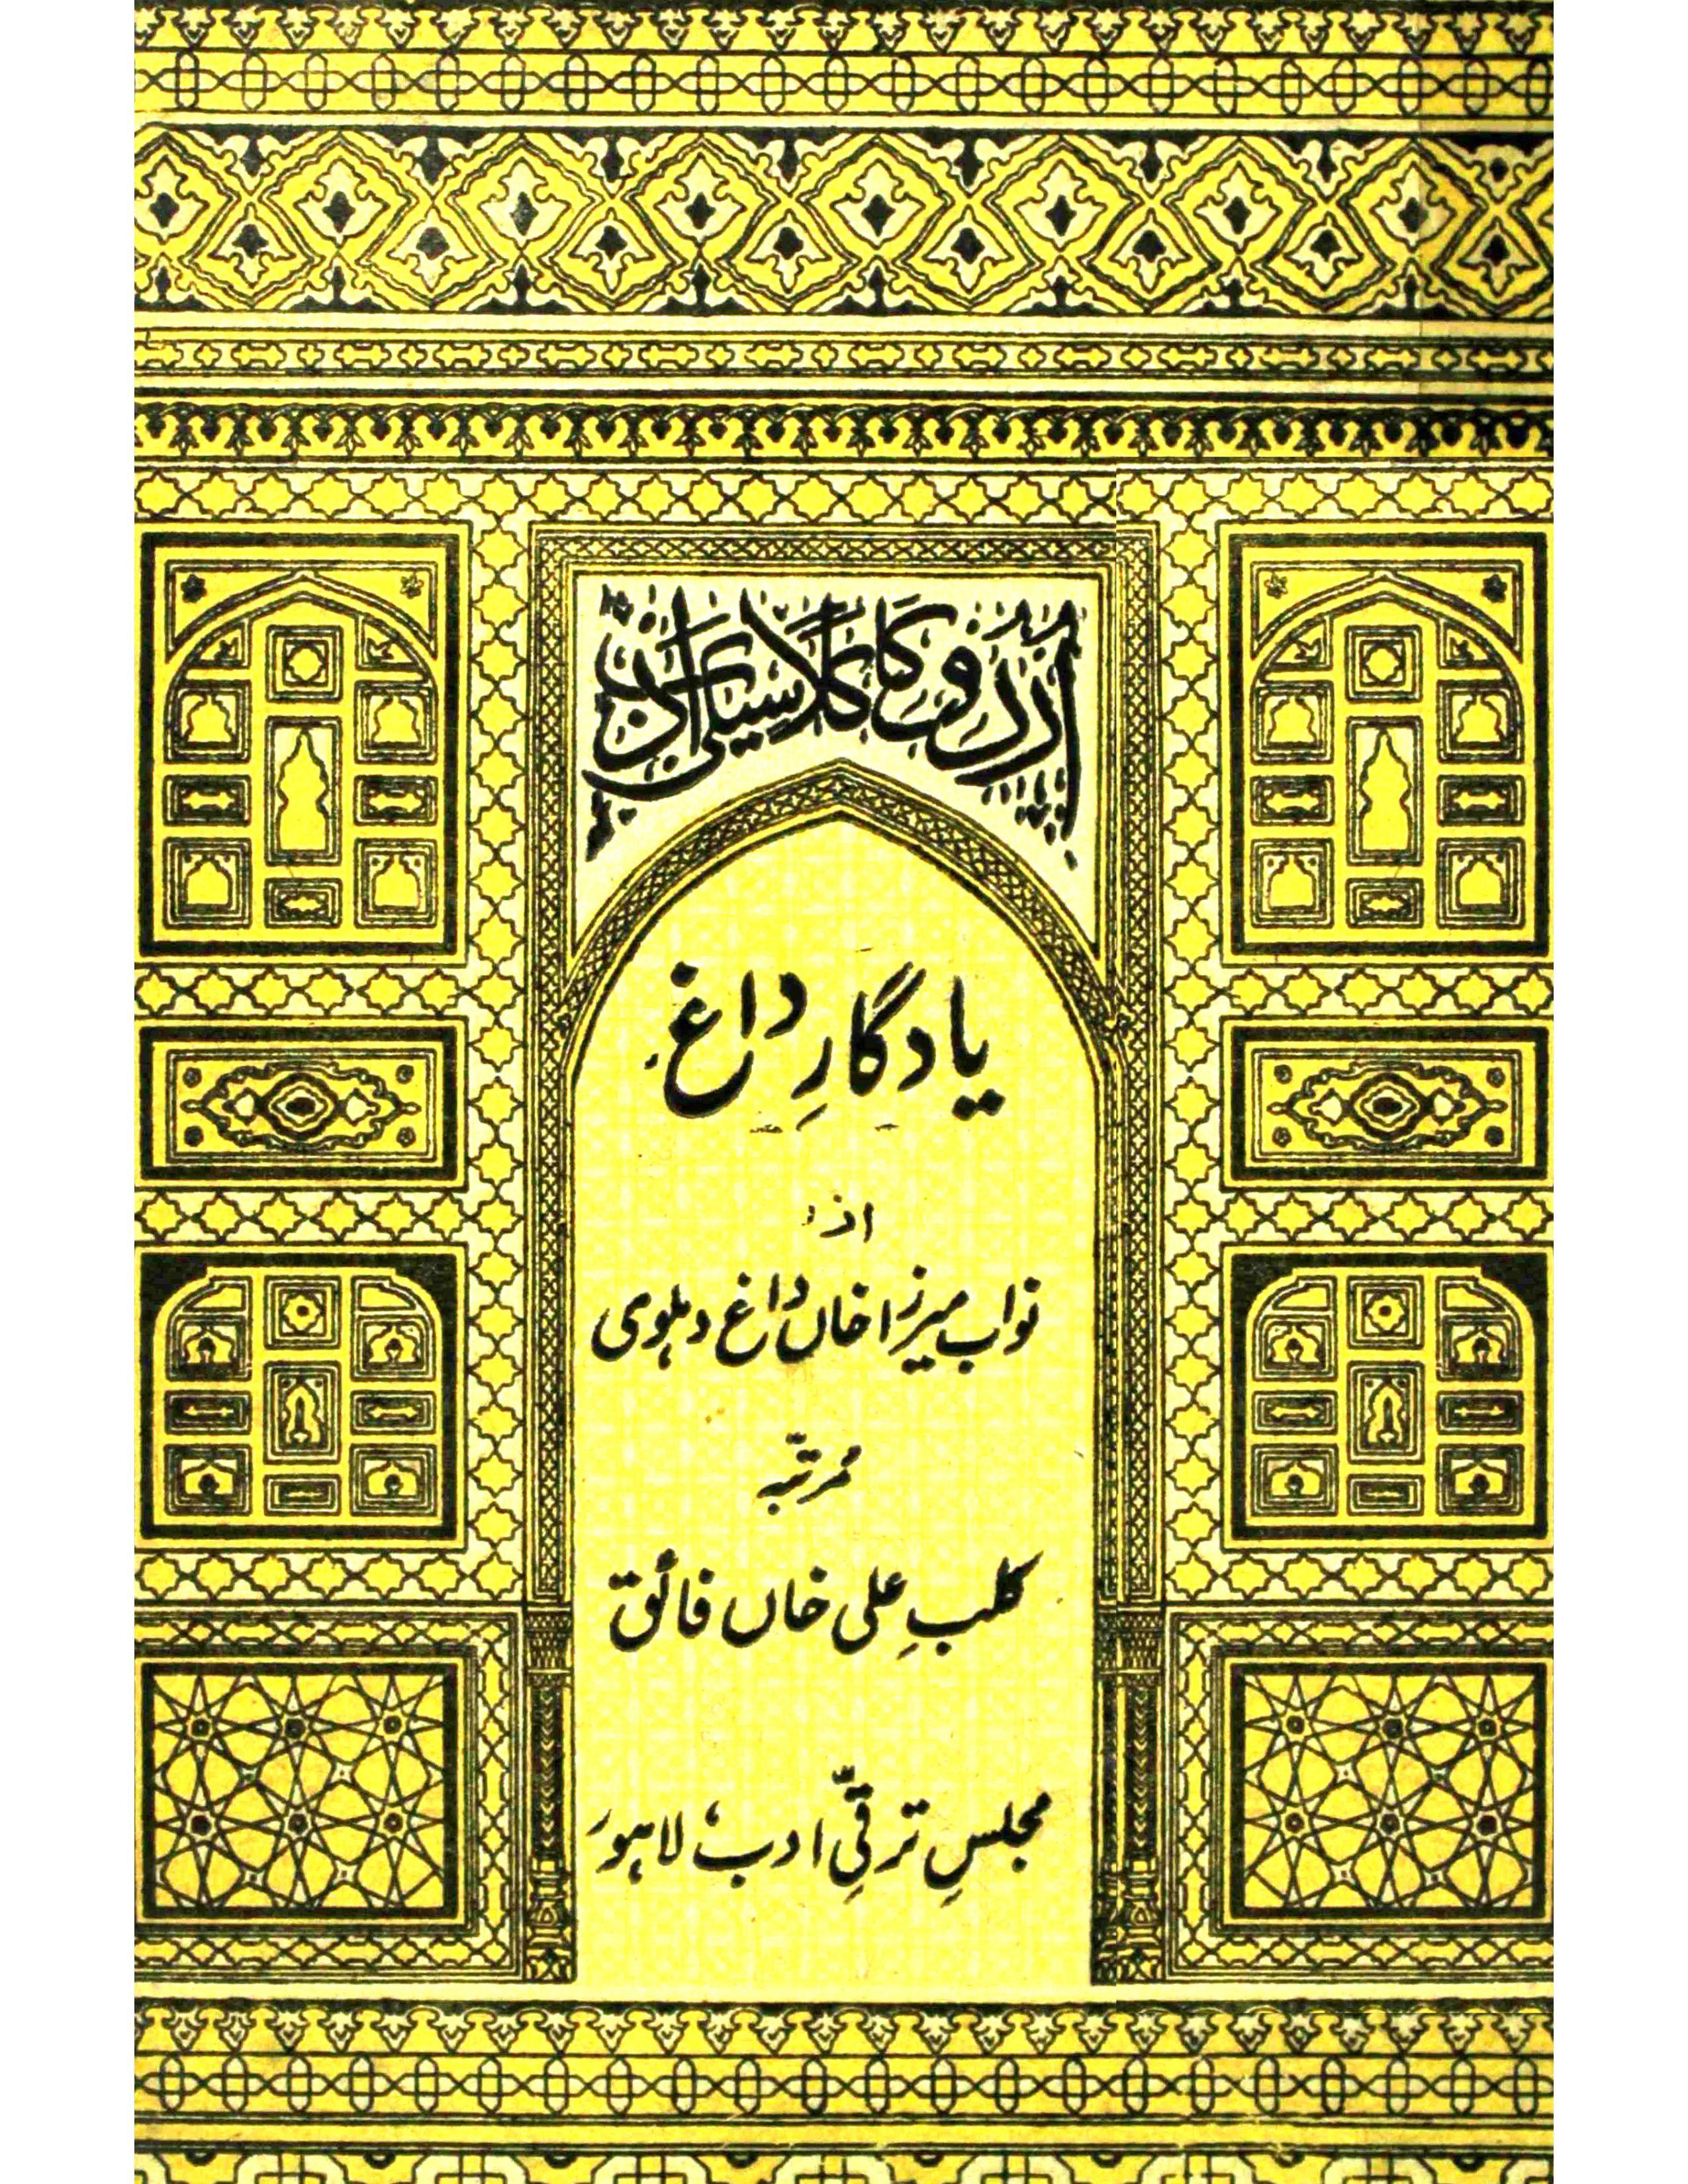 Yadgar-e-Dagh